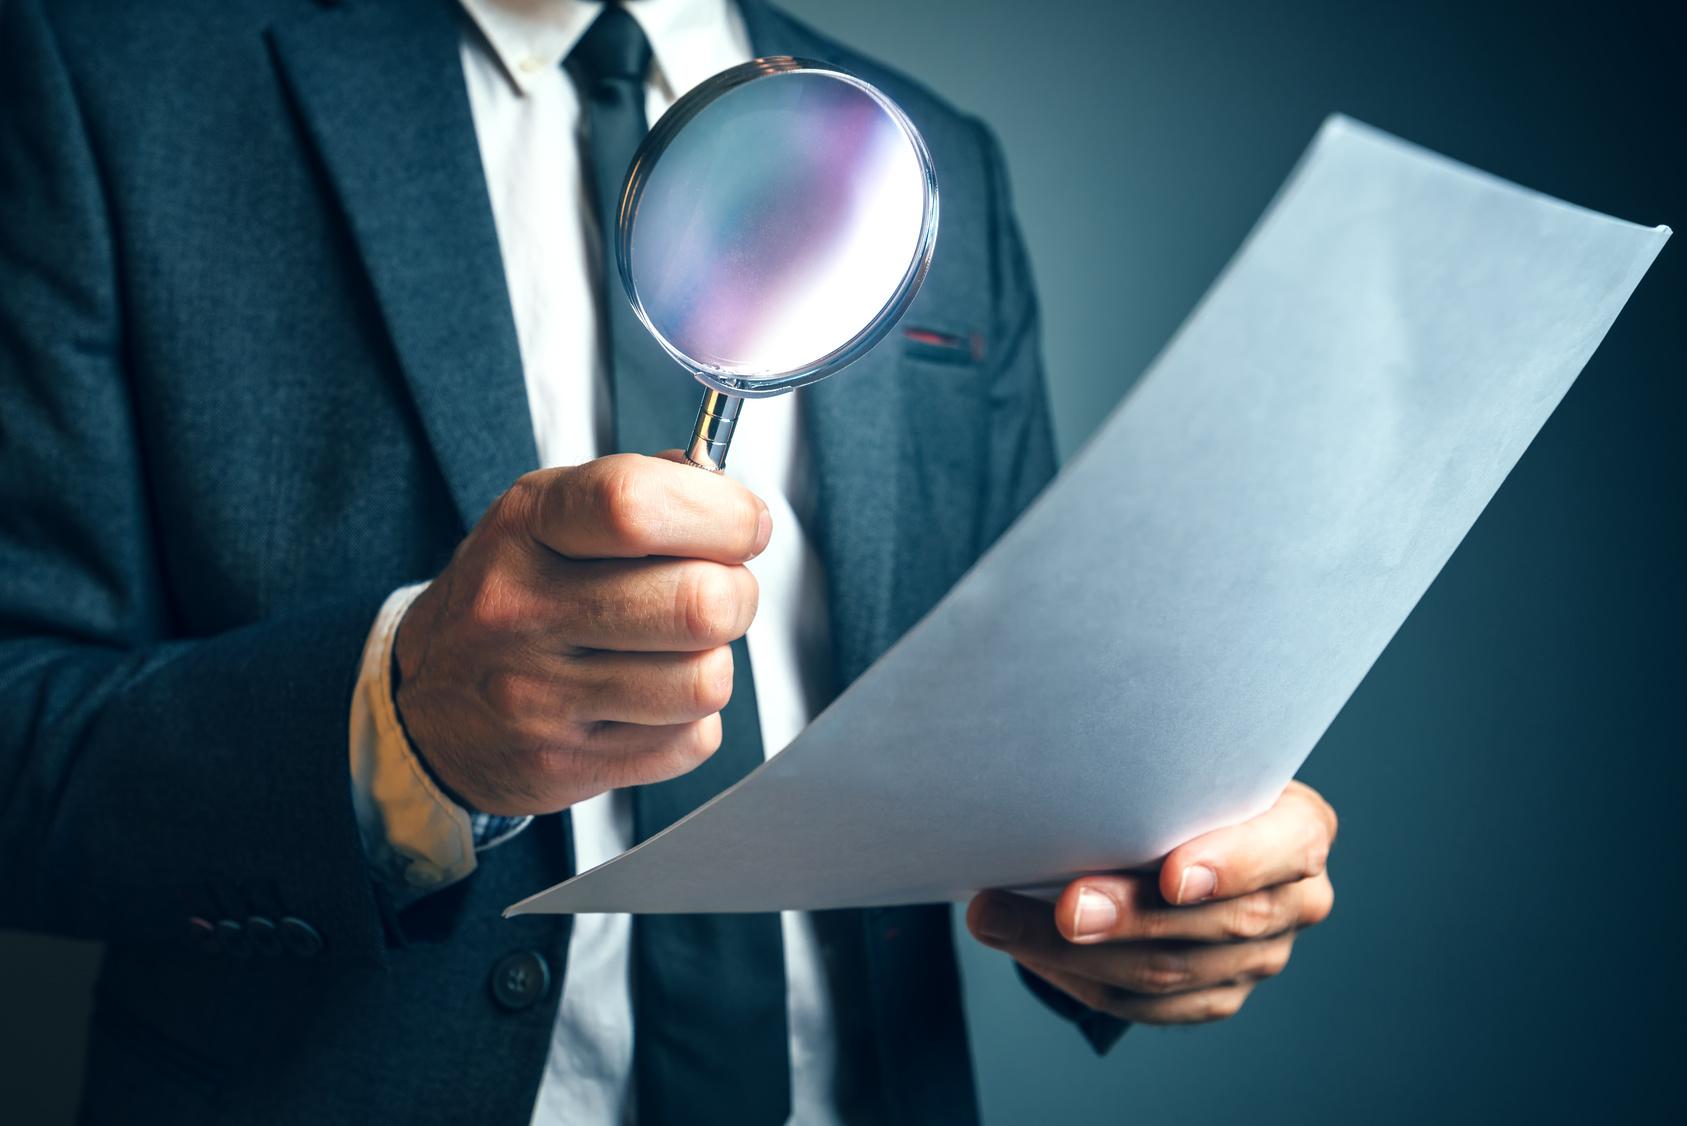 Einsatz von Dienstleistern Sourcing Verträge prüfen Scheinwerkverträge Dienstleister Scheindienstleistungsverträge AÜB ANÜ verdeckte Arbeitnehmerüberlassung Checkliste